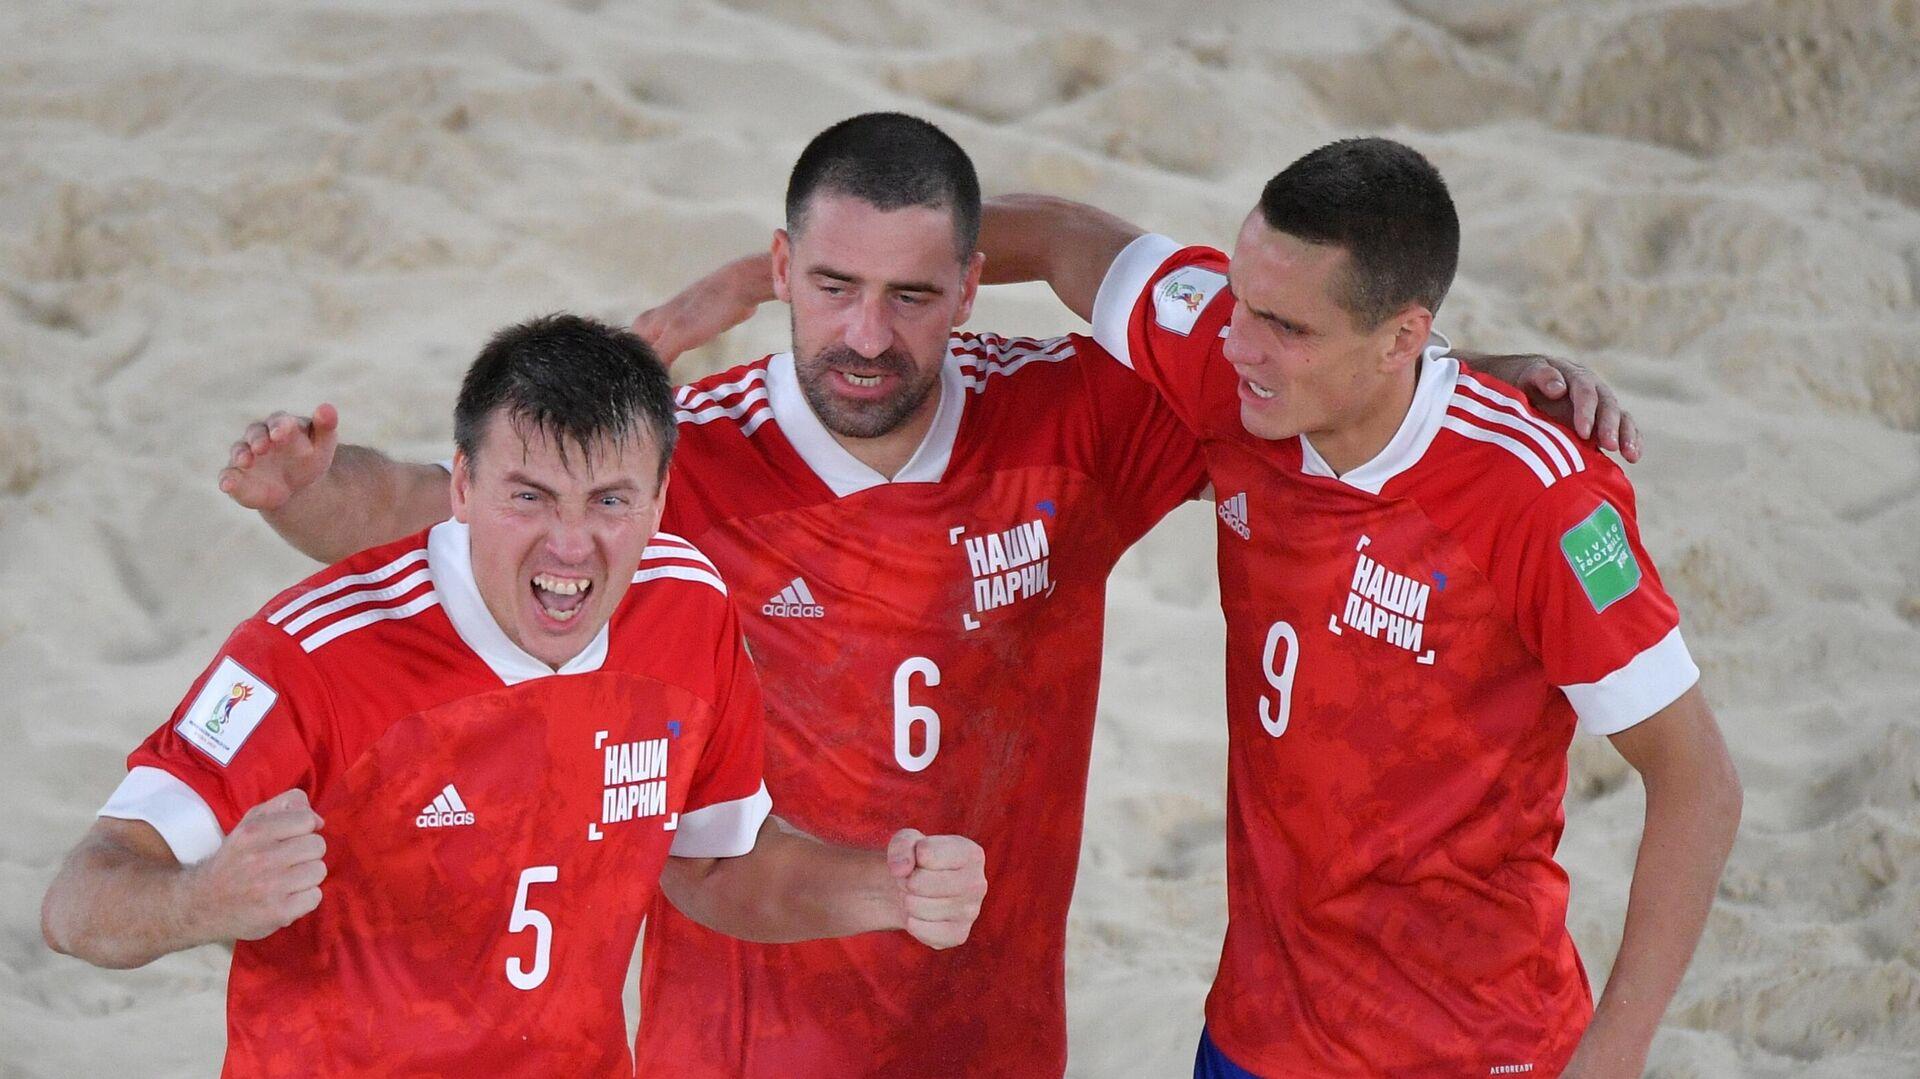 Российские спортсмены, члены сборной России радуются забитому мячу в финальном матче чемпионата мира по пляжному футболу  - РИА Новости, 1920, 12.09.2021